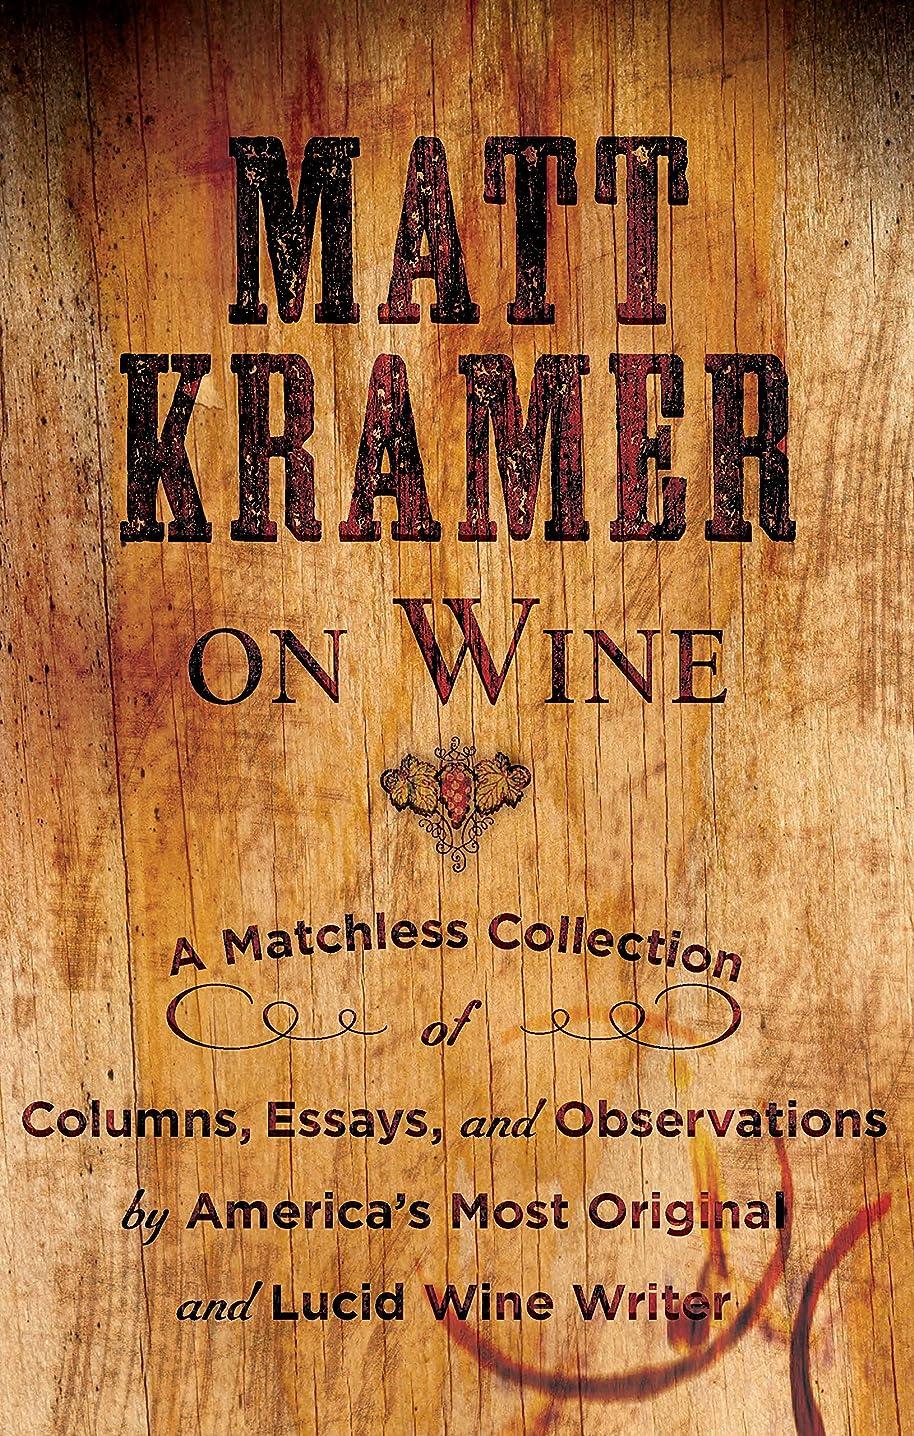 抑圧者叙情的な化学者Matt Kramer on Wine: A Matchless Collection of Columns, Essays, and Observations by America's Most Original and Lucid Wine Writer (English Edition)